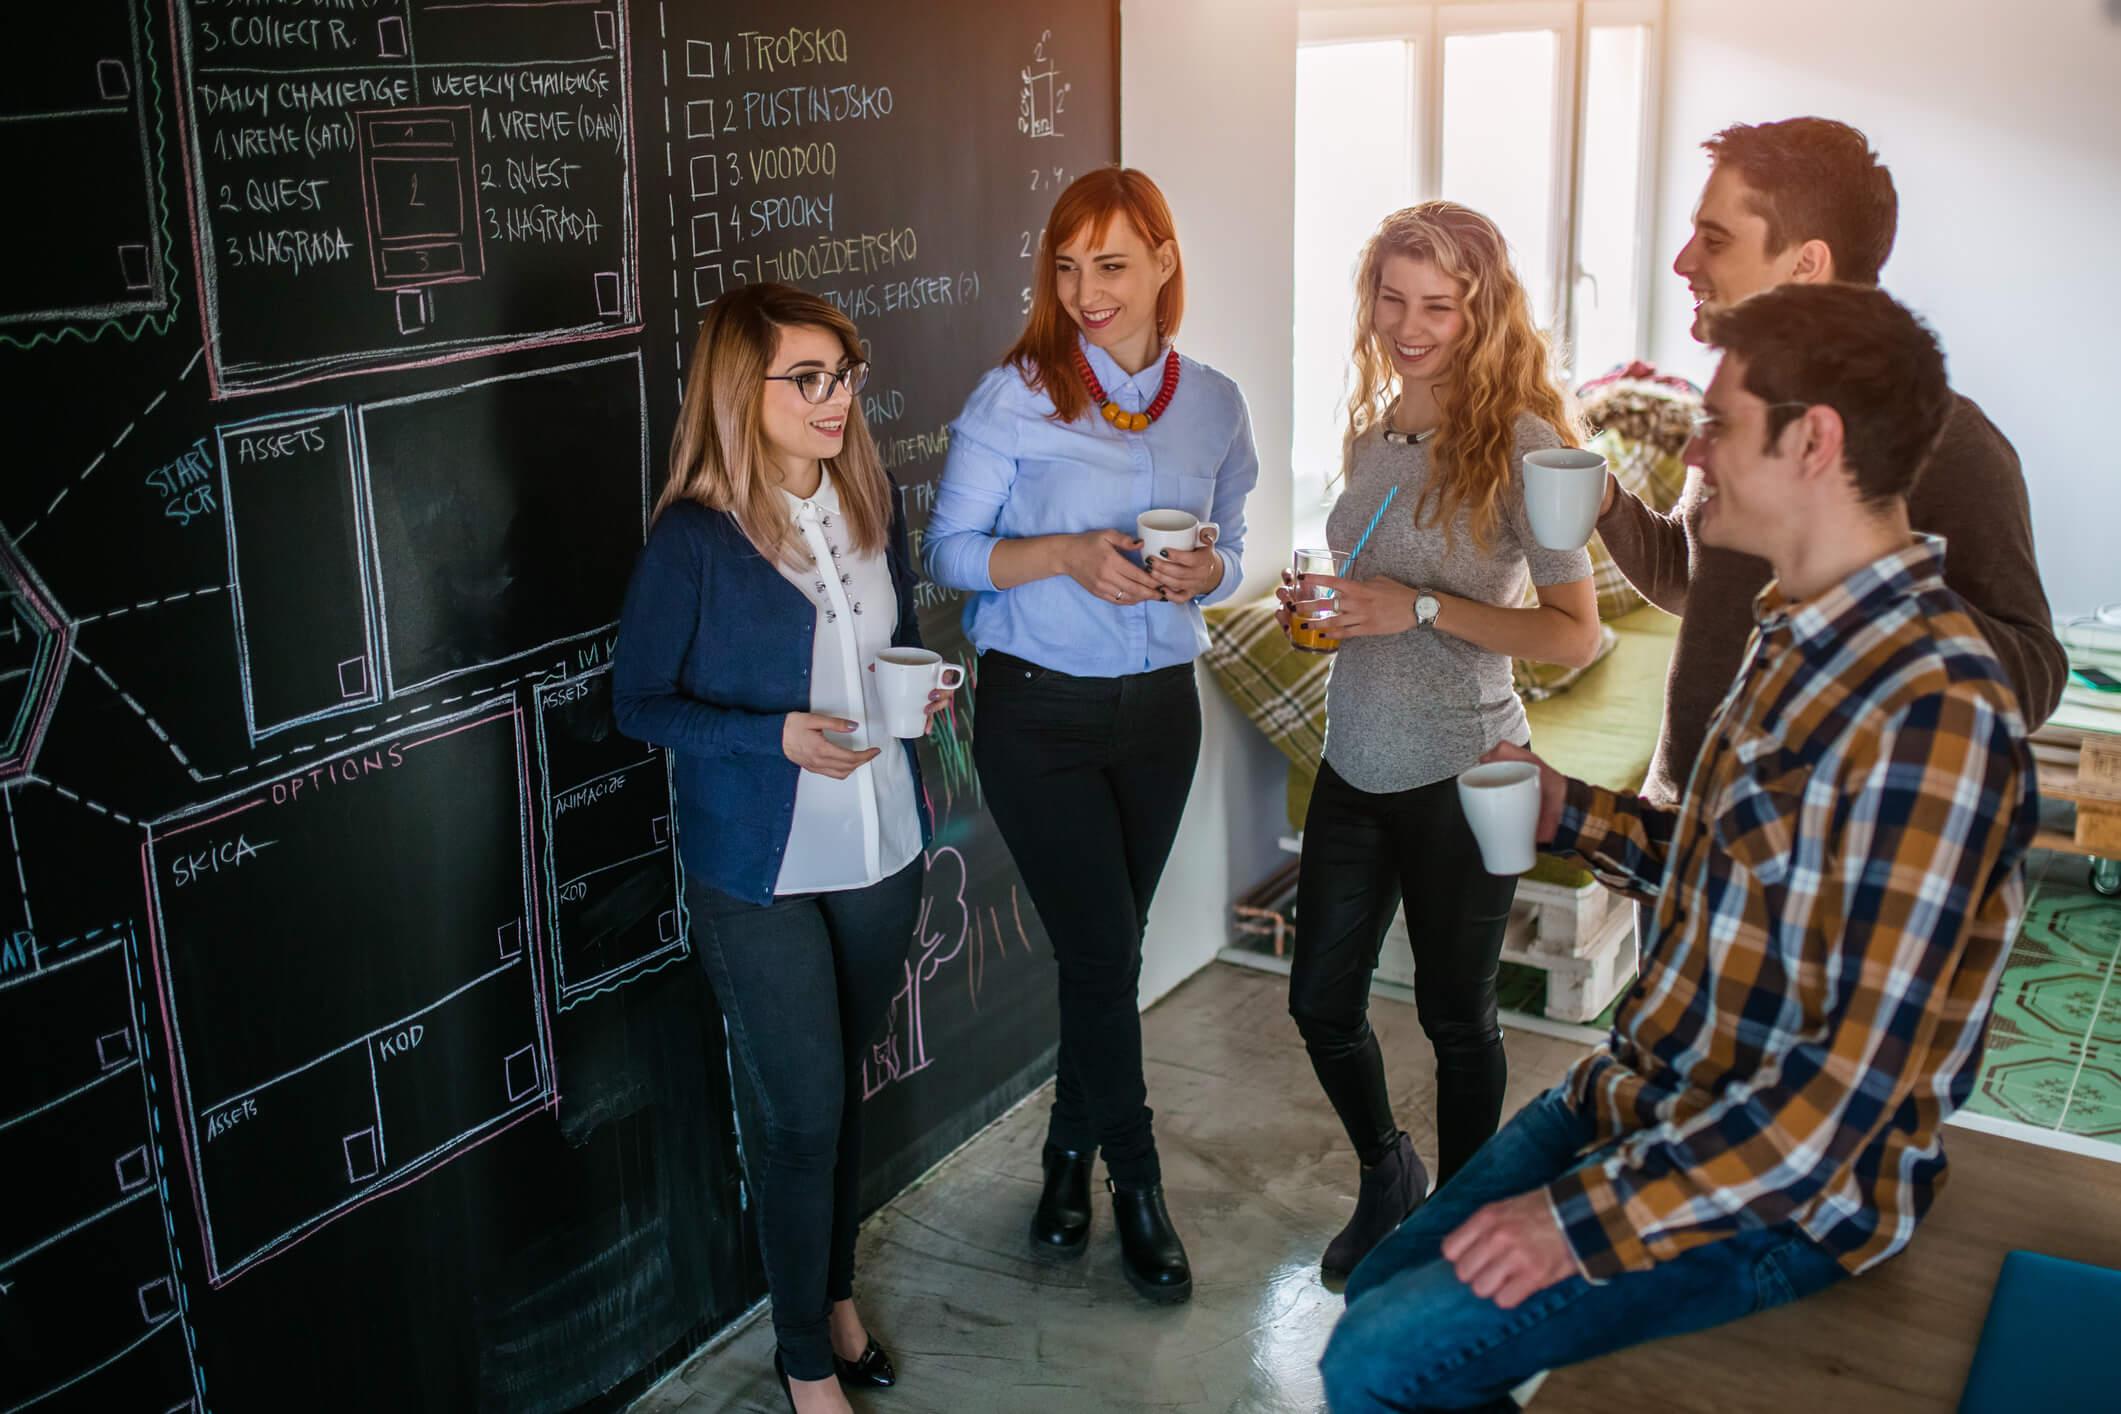 Hora do café: importância da pausa no trabalho - Exal